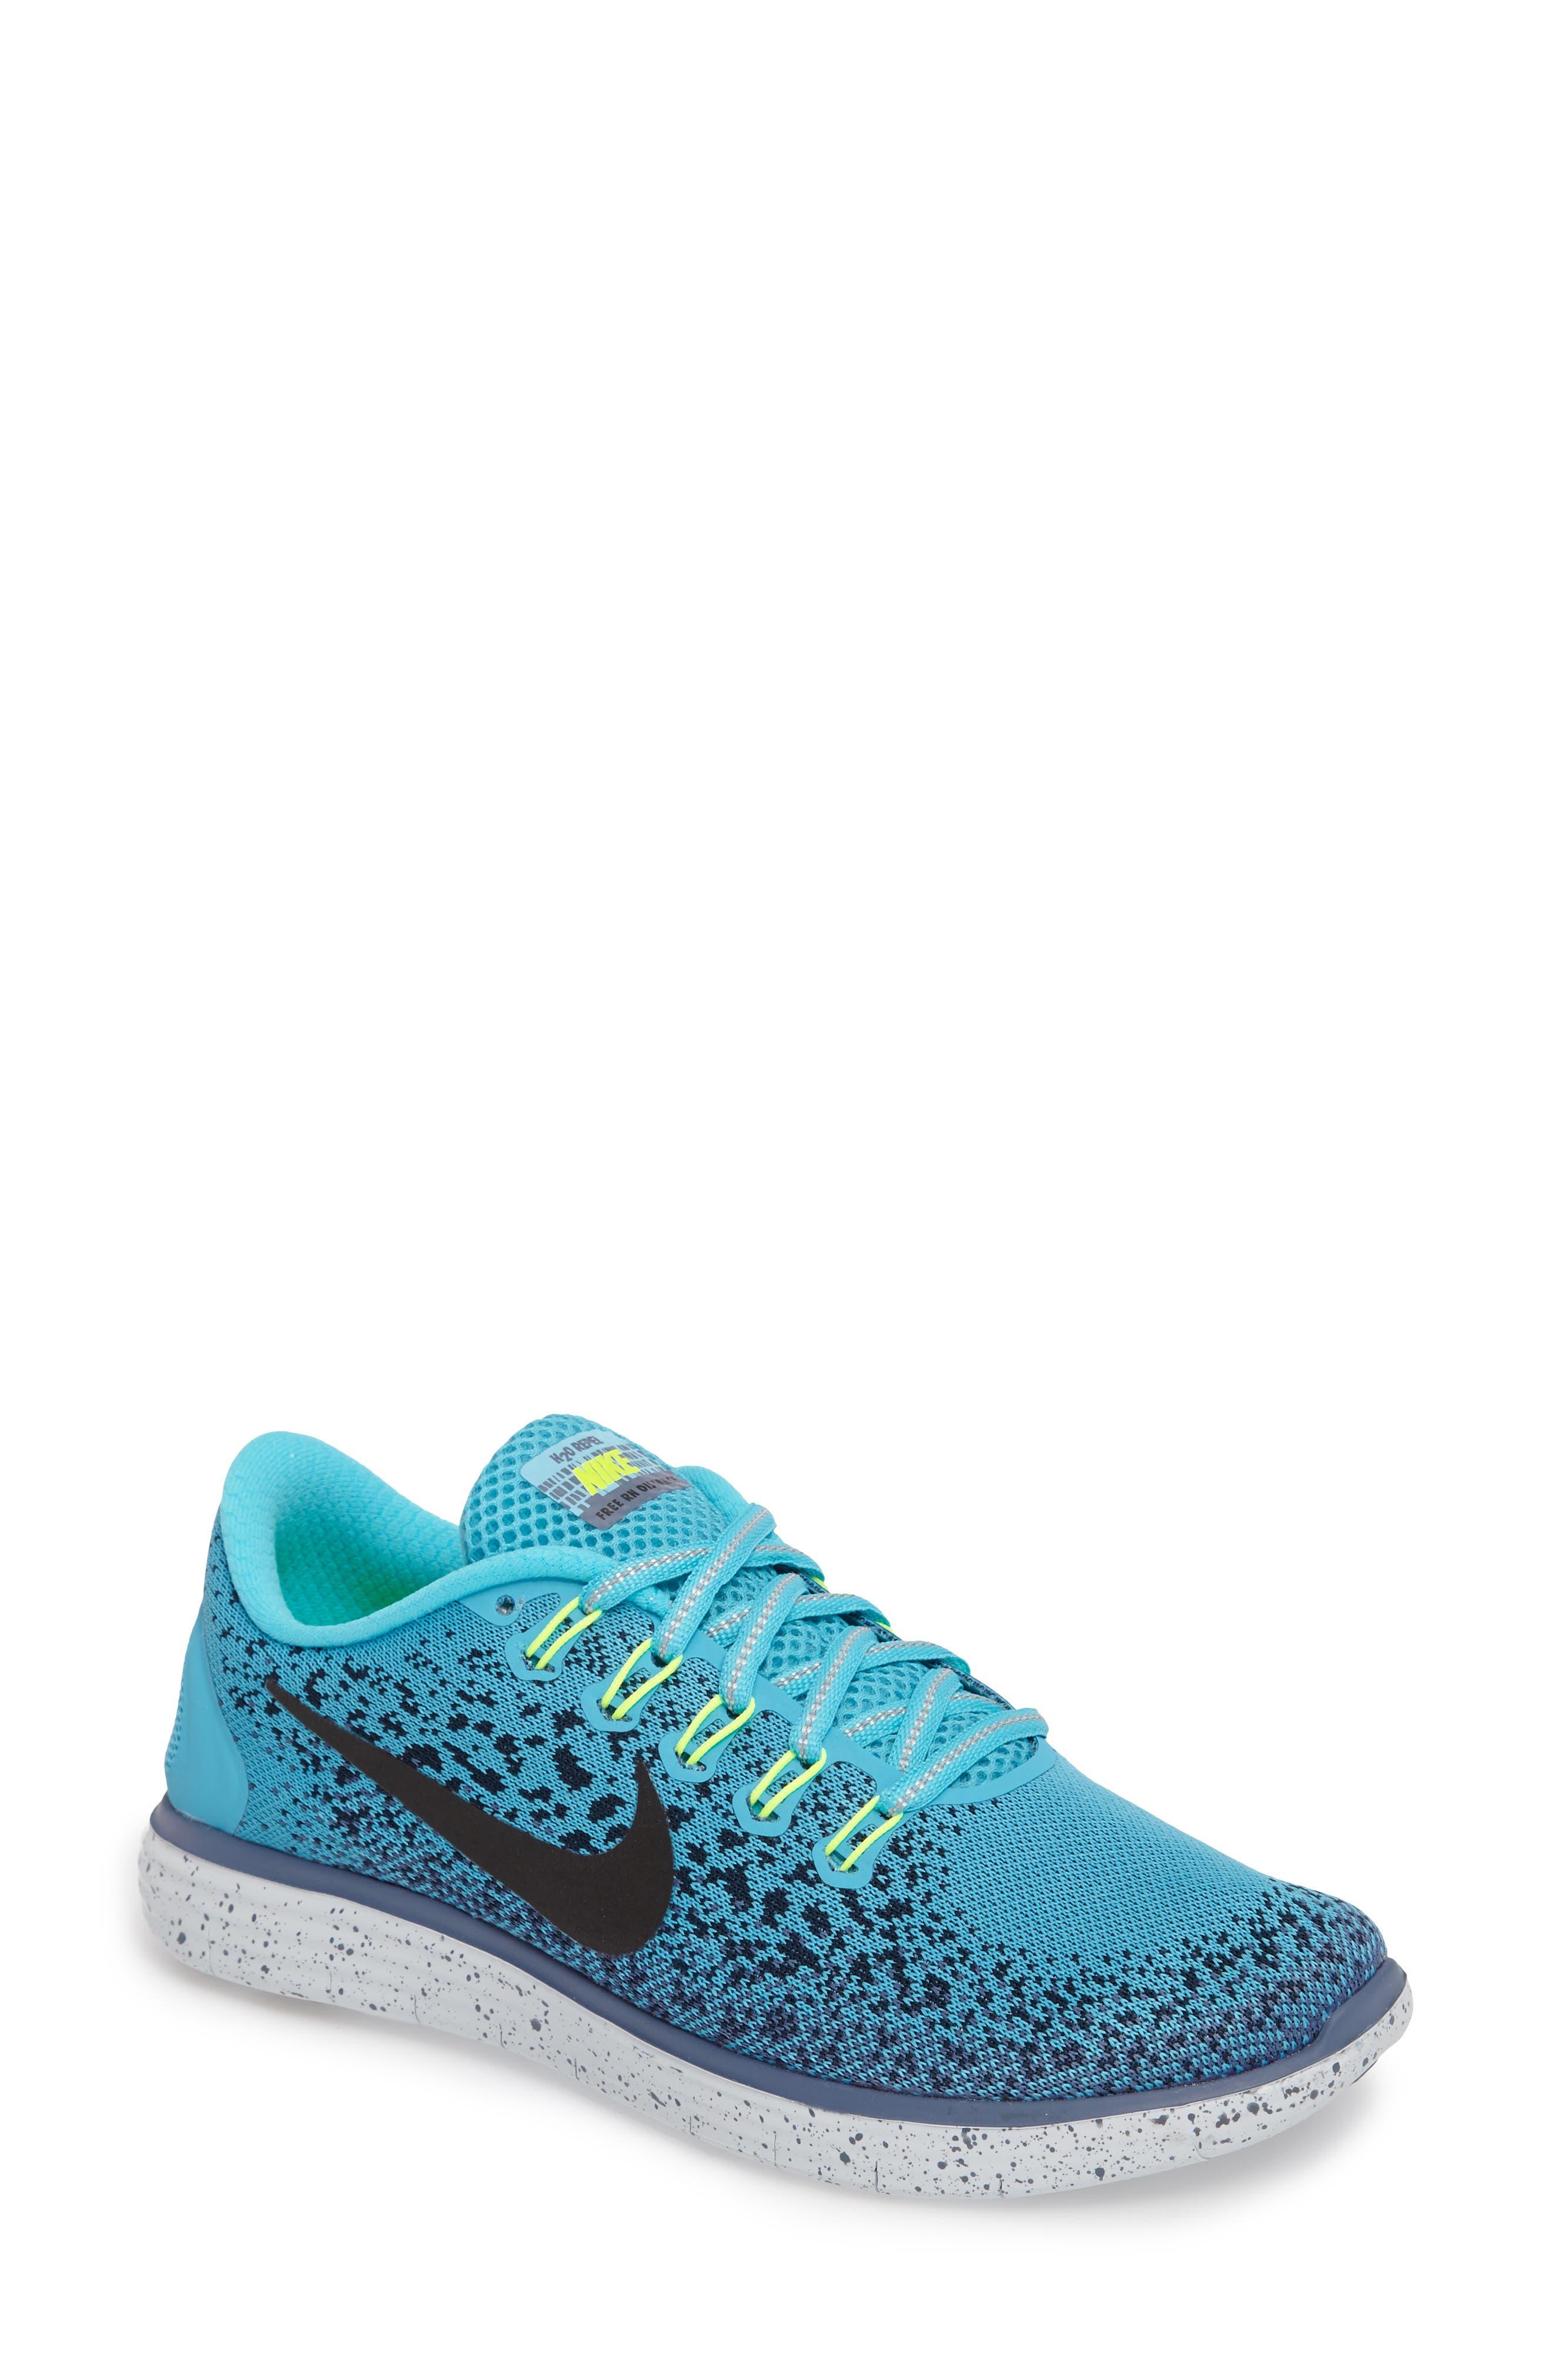 Main Image - Nike Free RN Distance Shield Running Shoe (Women)